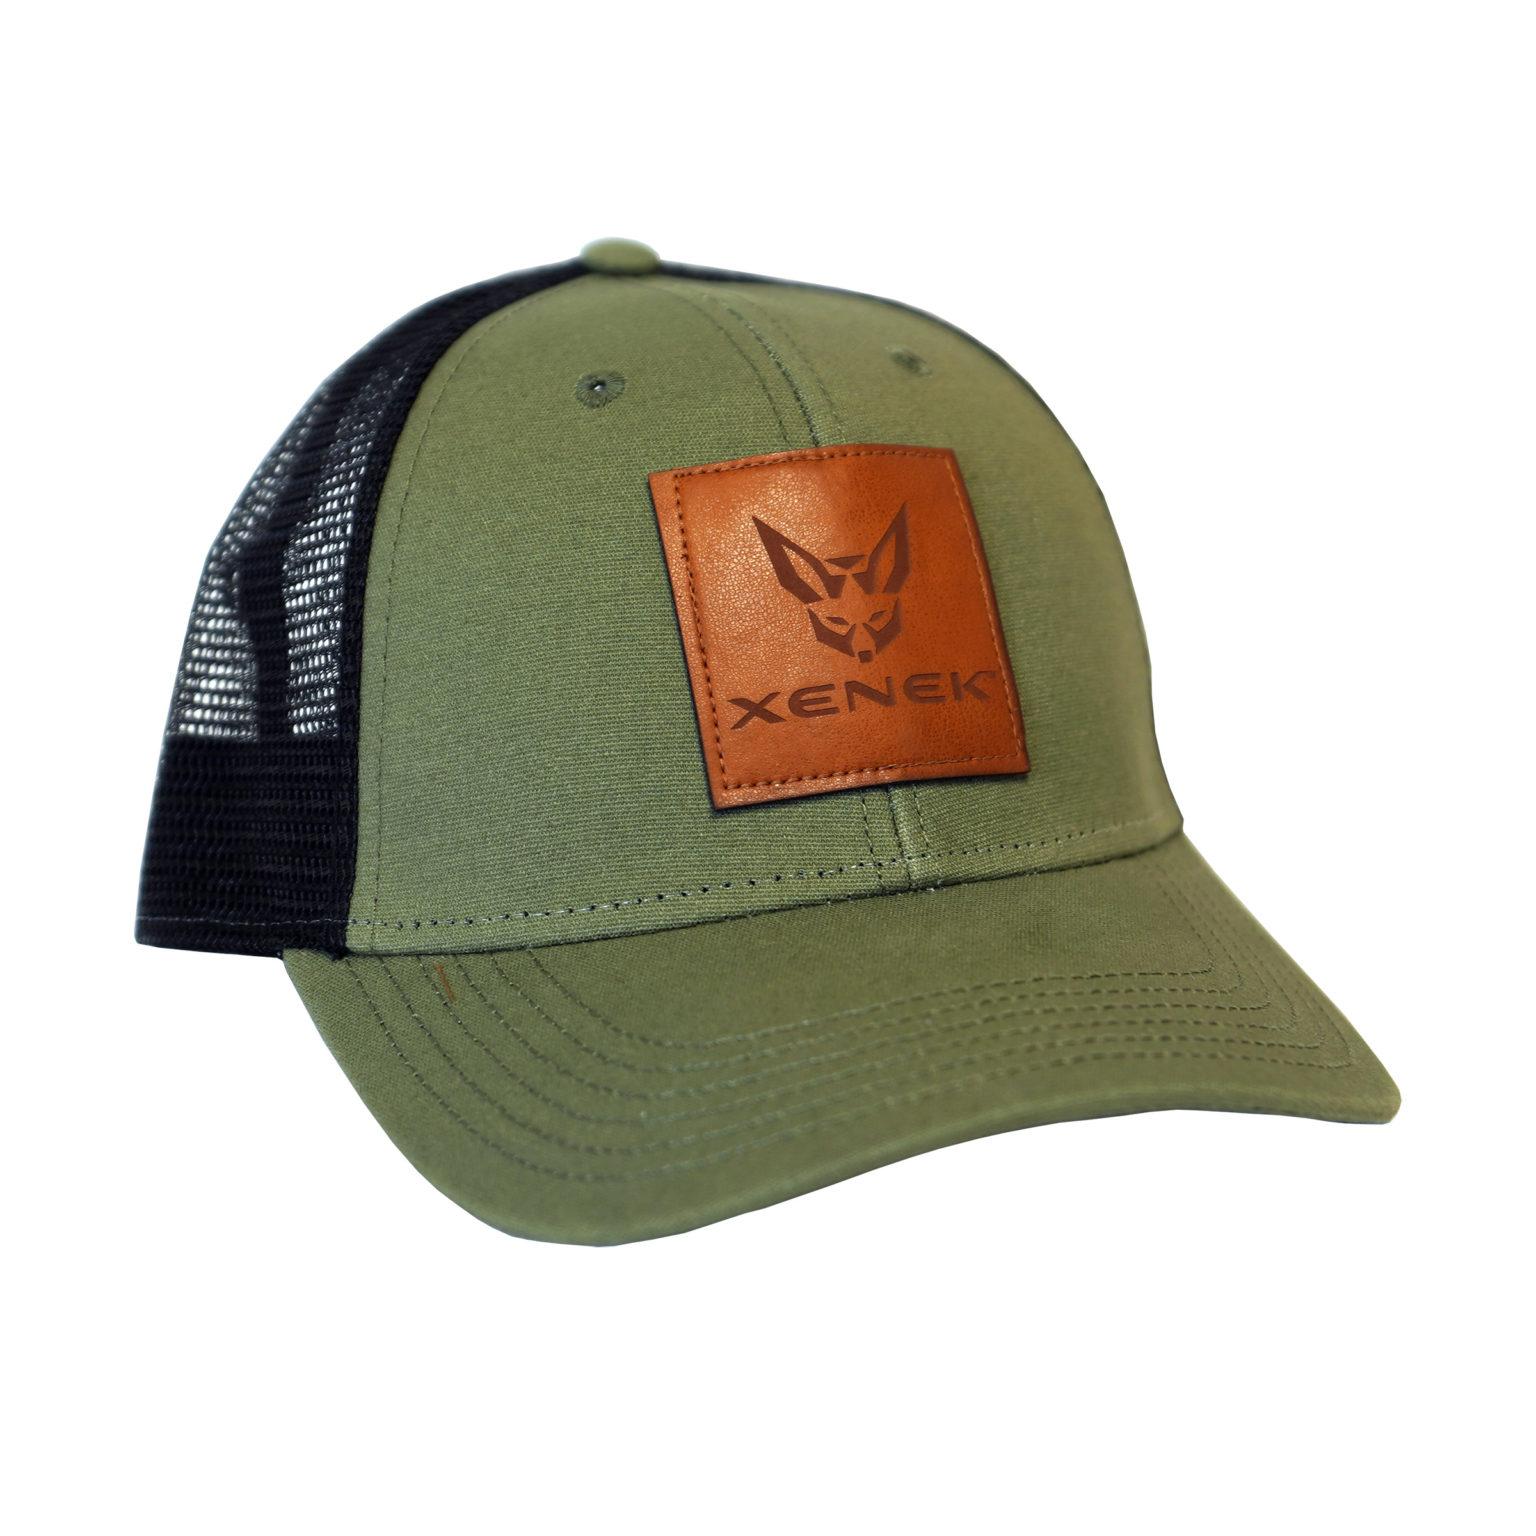 Olive/Black Trucker Cap w/ XENEK Leather Patch